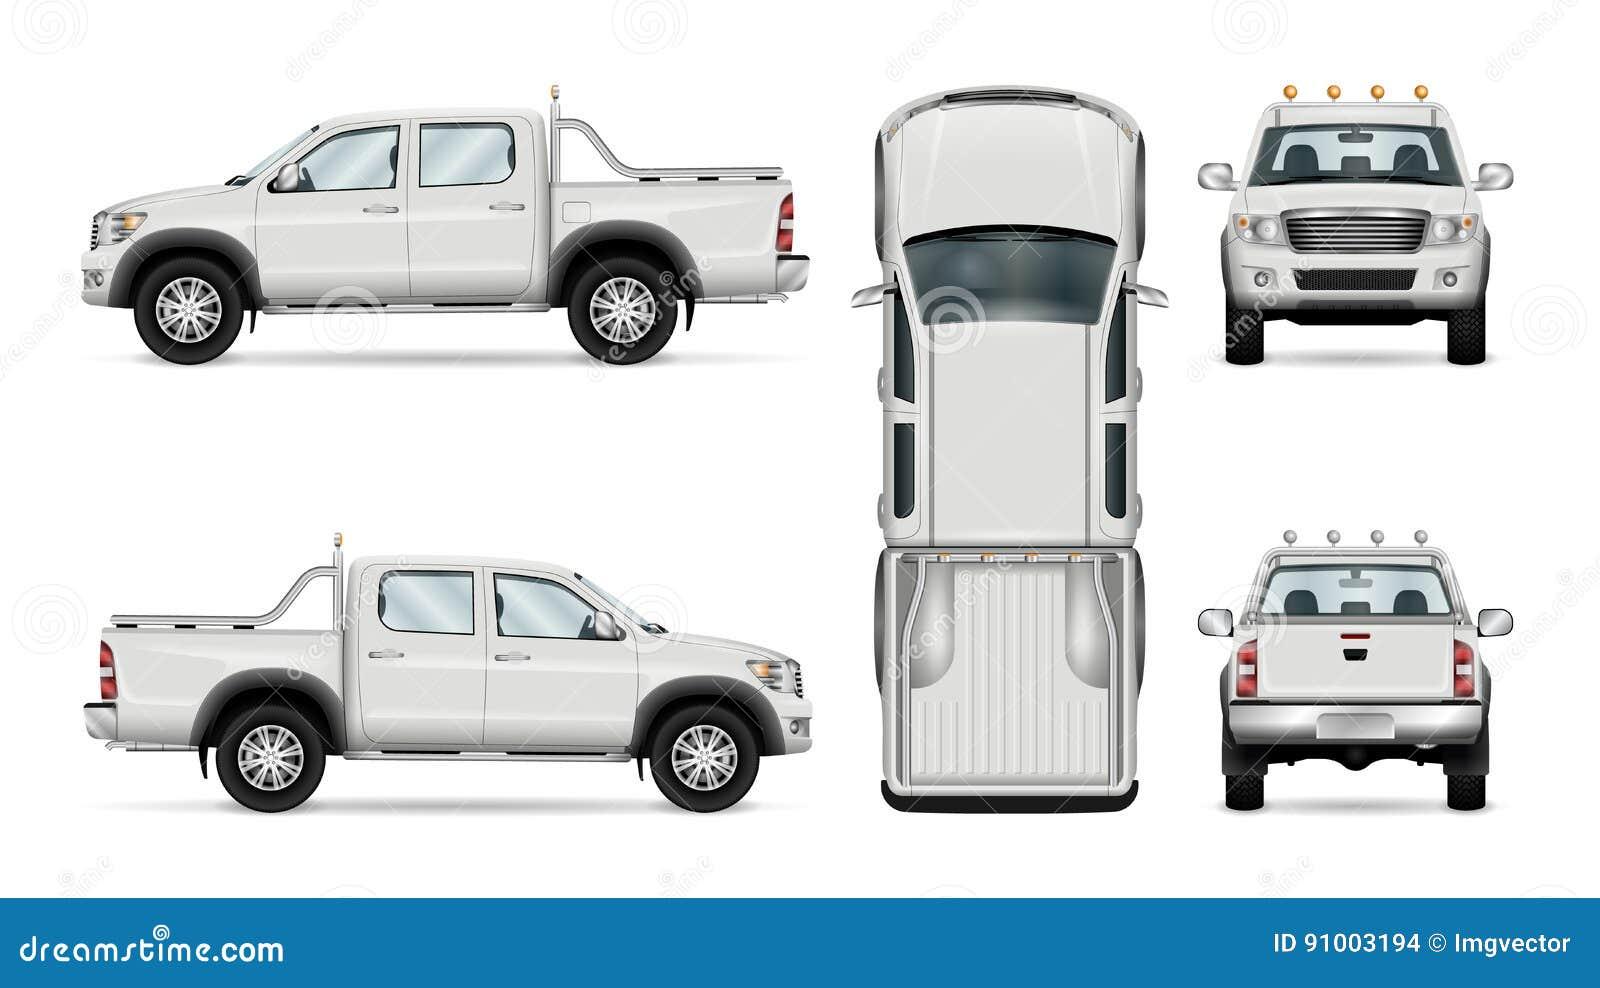 camioneta pickup del vector en el fondo blanco ilustraci u00f3n